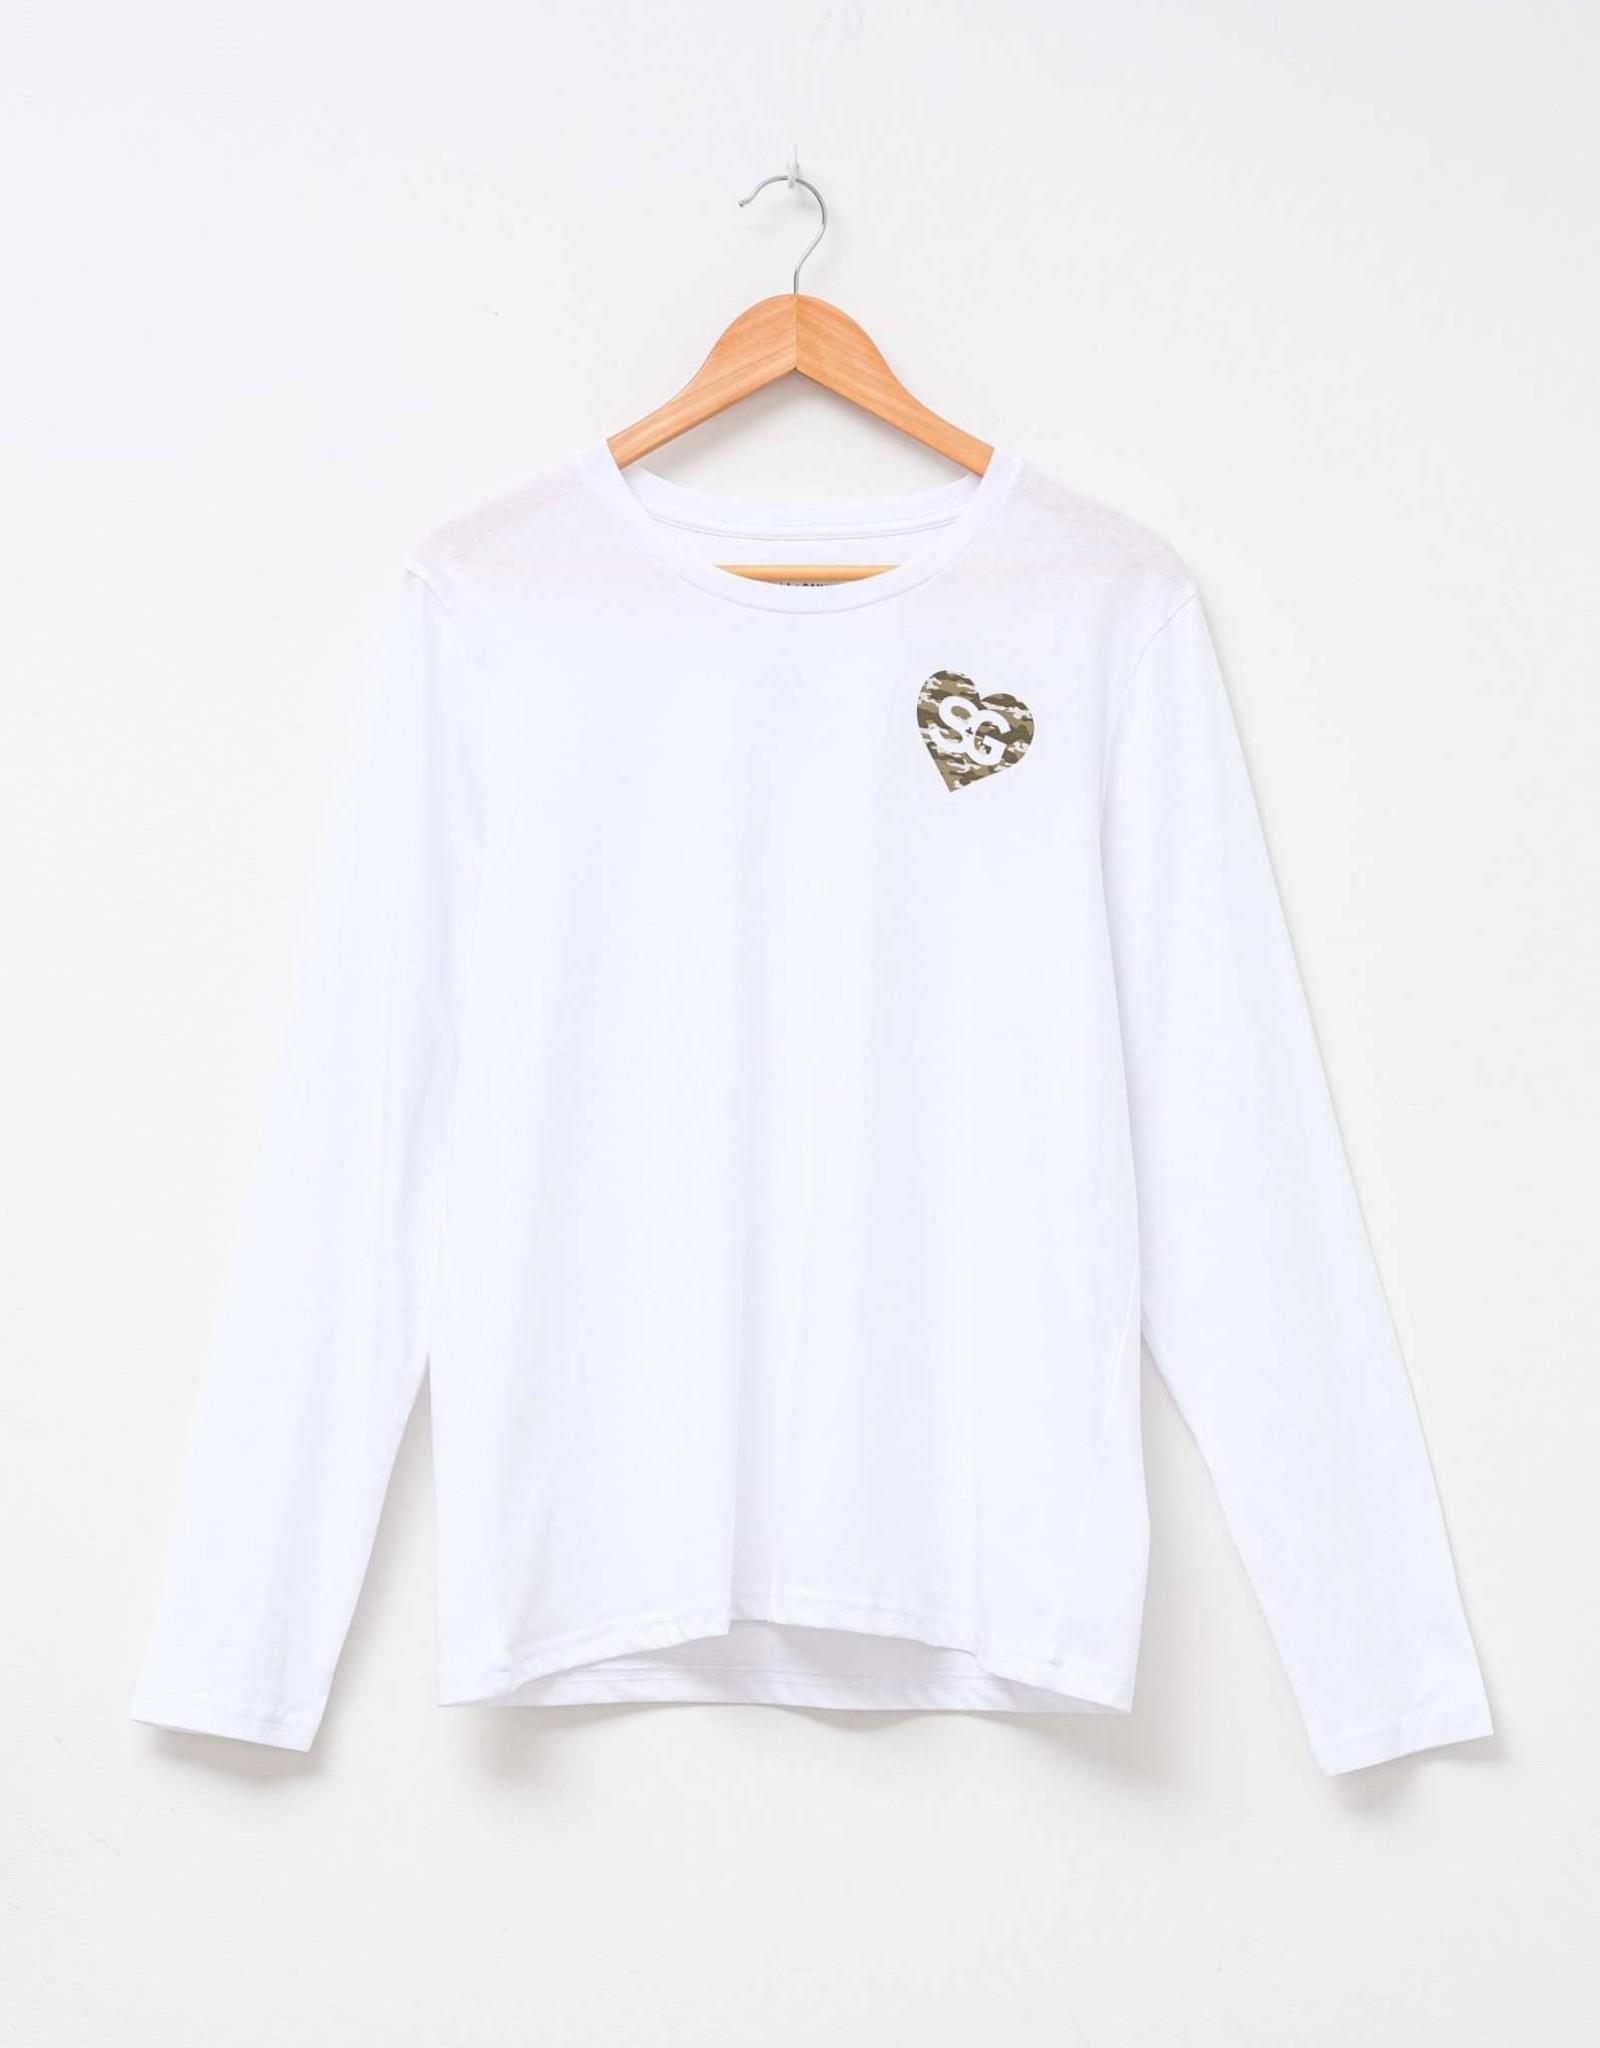 STELLA & GEMMA Heart Long Sleeve T-shirt - 2 Colour-ways